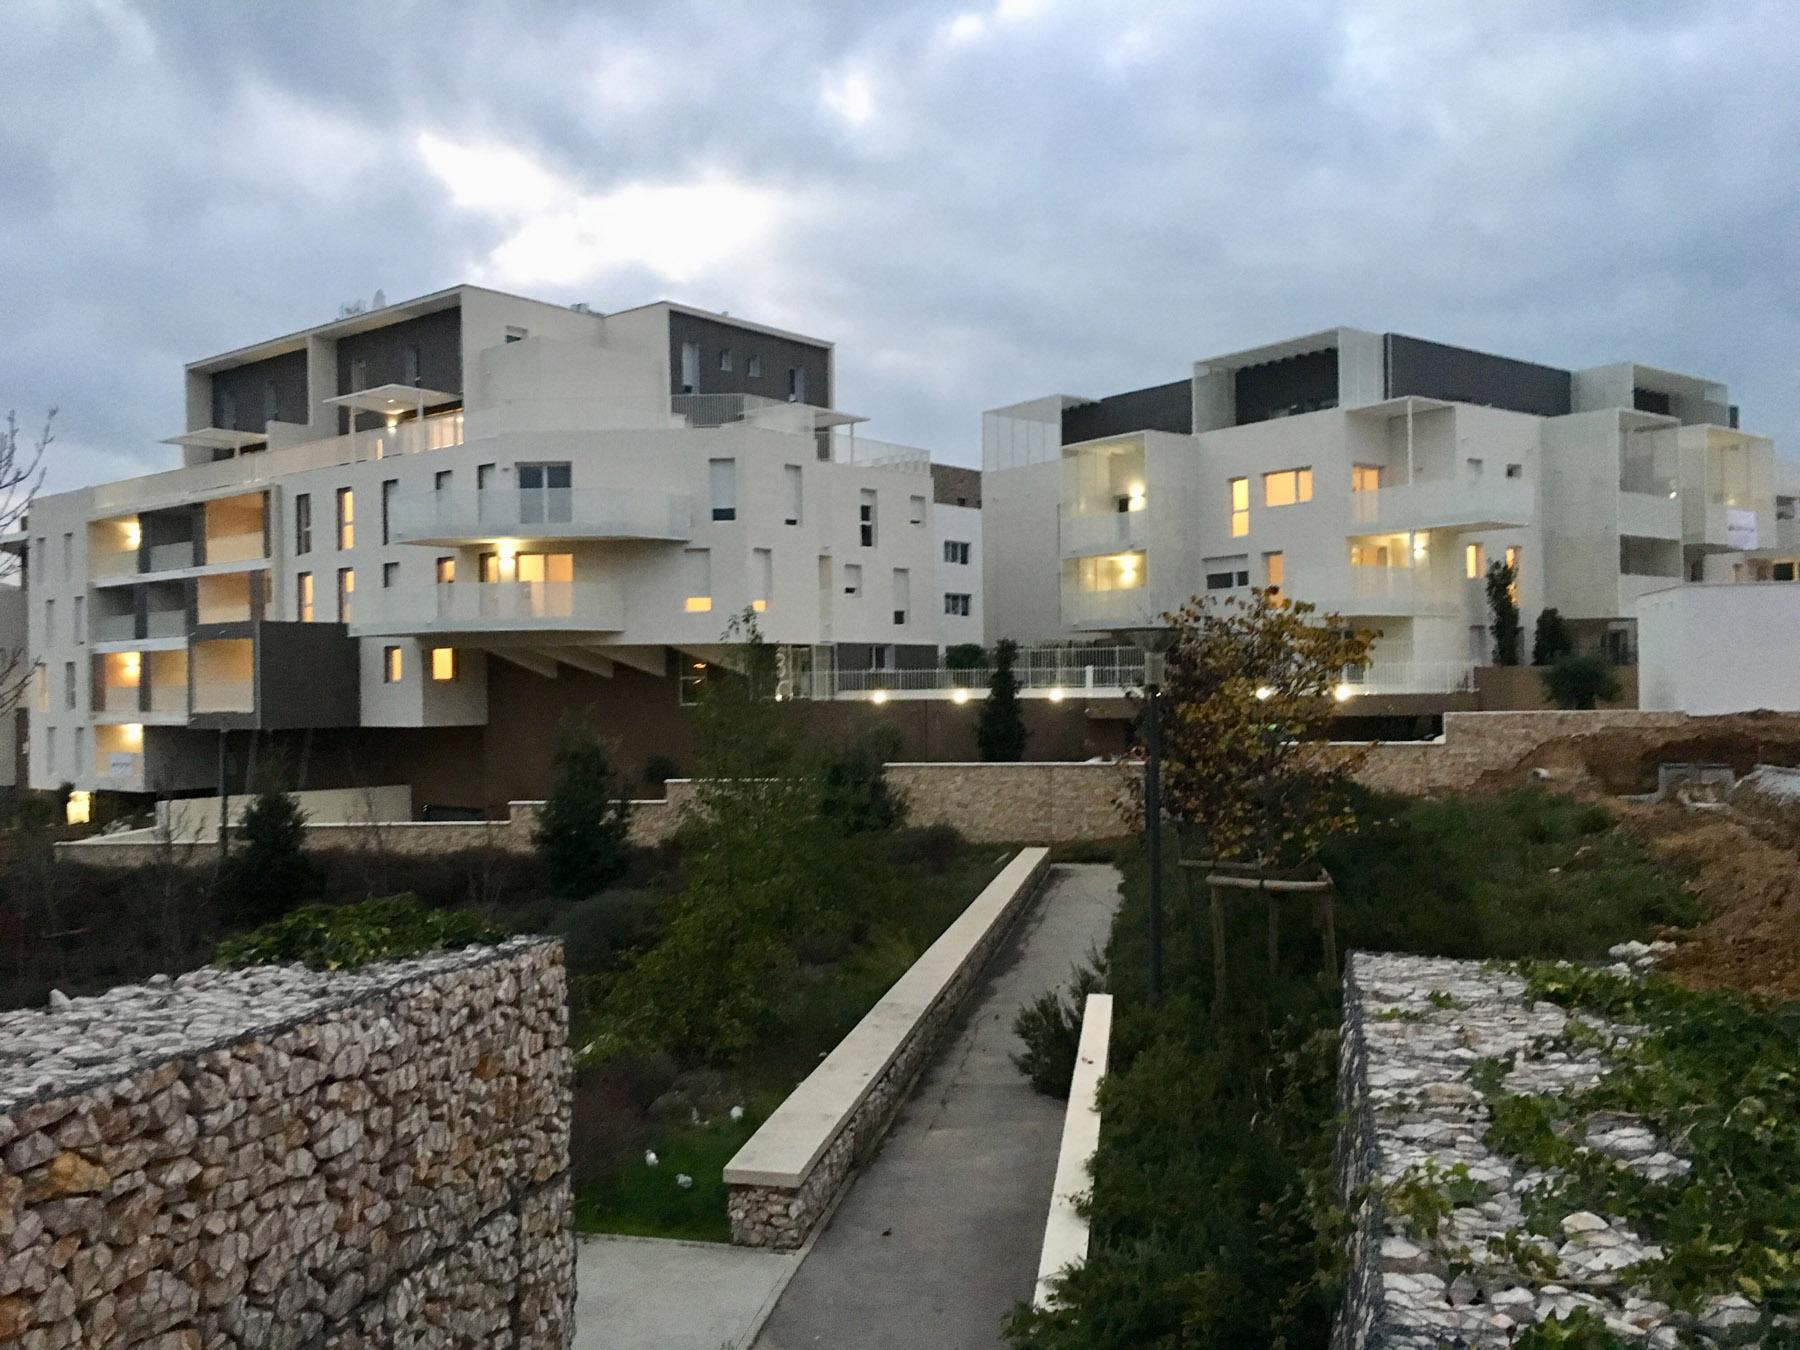 Résidence Collinéa, construction de 75 logements collectifs à Prades le Lez